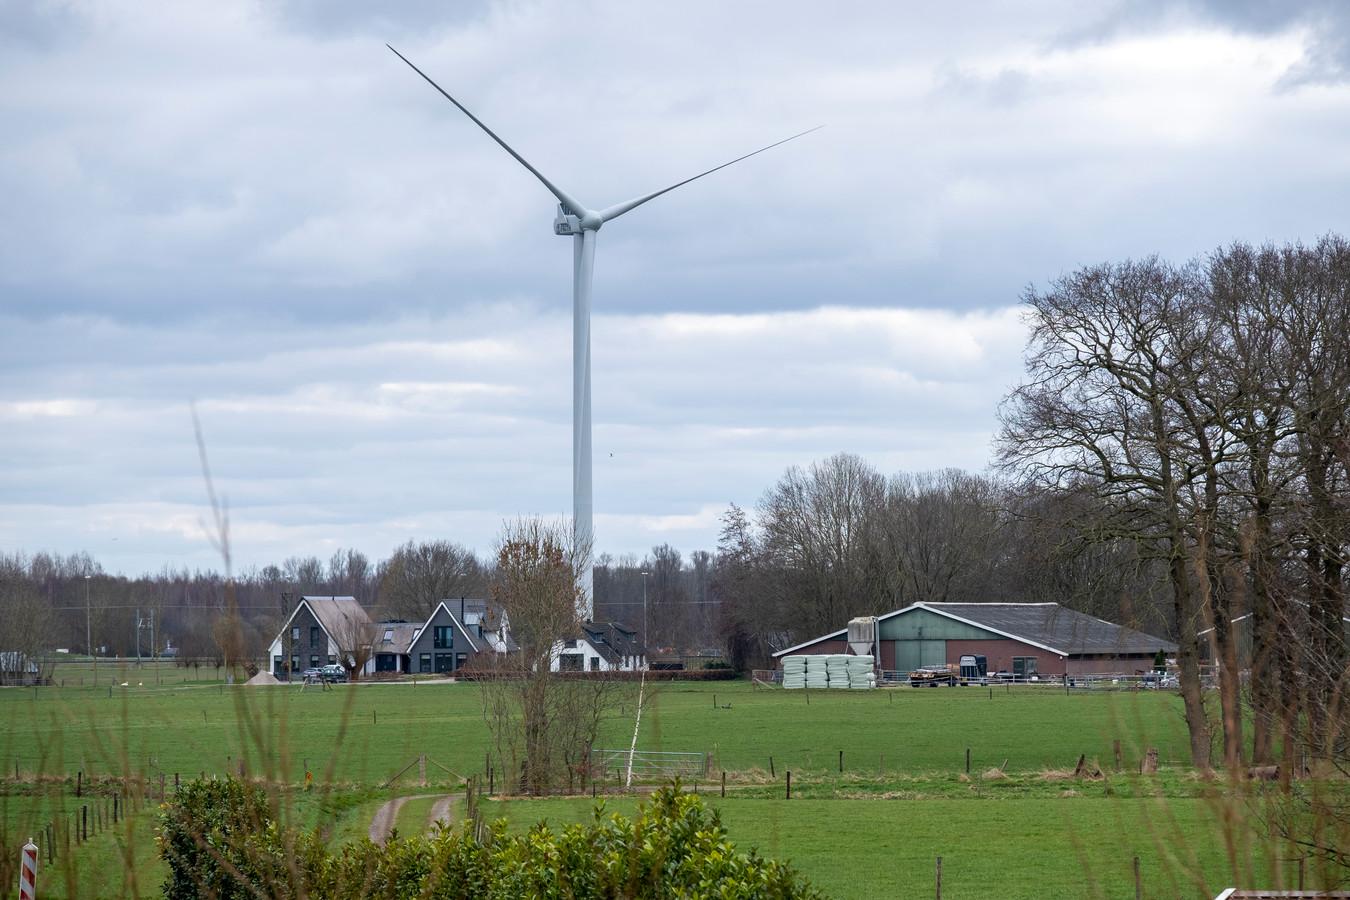 De eerste van vier windturbines van Jan van Werven, gezien vanaf de Geldersedijk in Hattem.